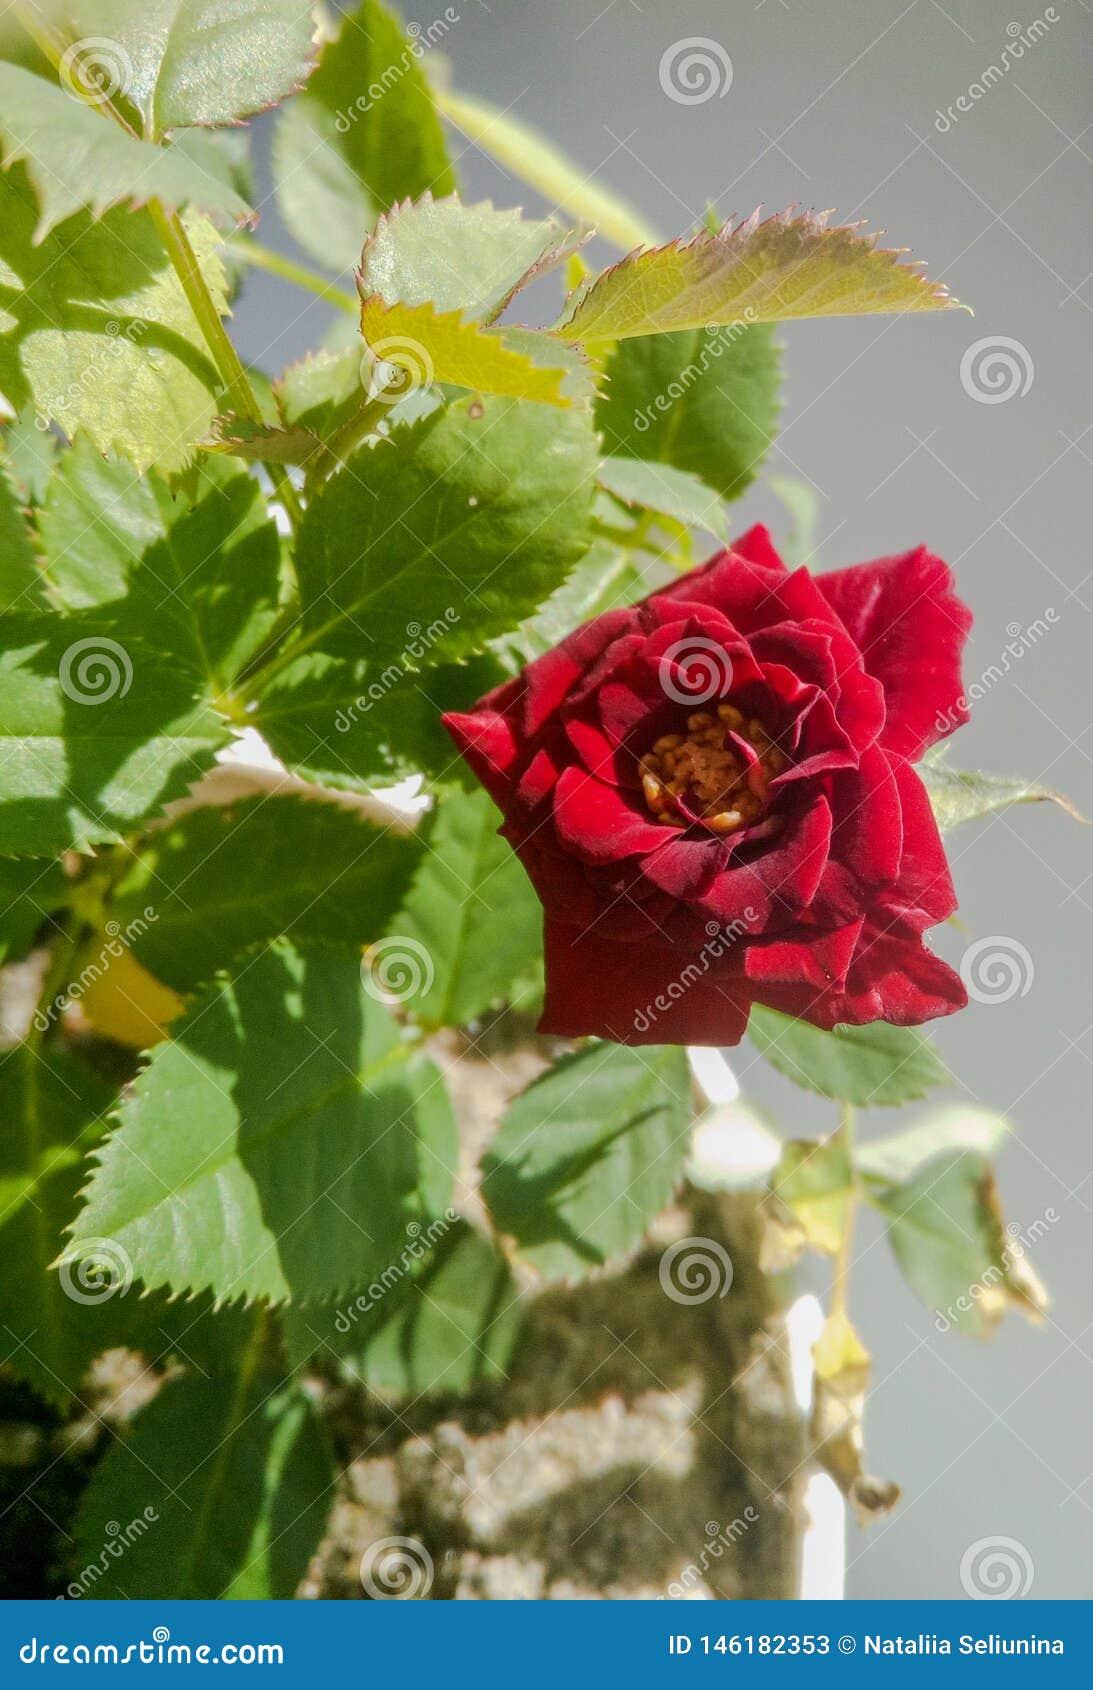 Zwergartige rote Minirose in einem Topf